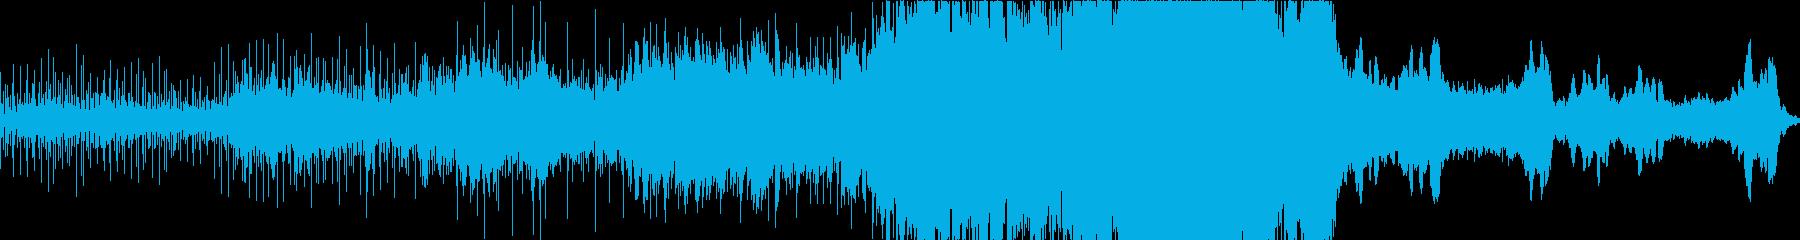 ゆったりとしたスケール感のあるエレクトロの再生済みの波形